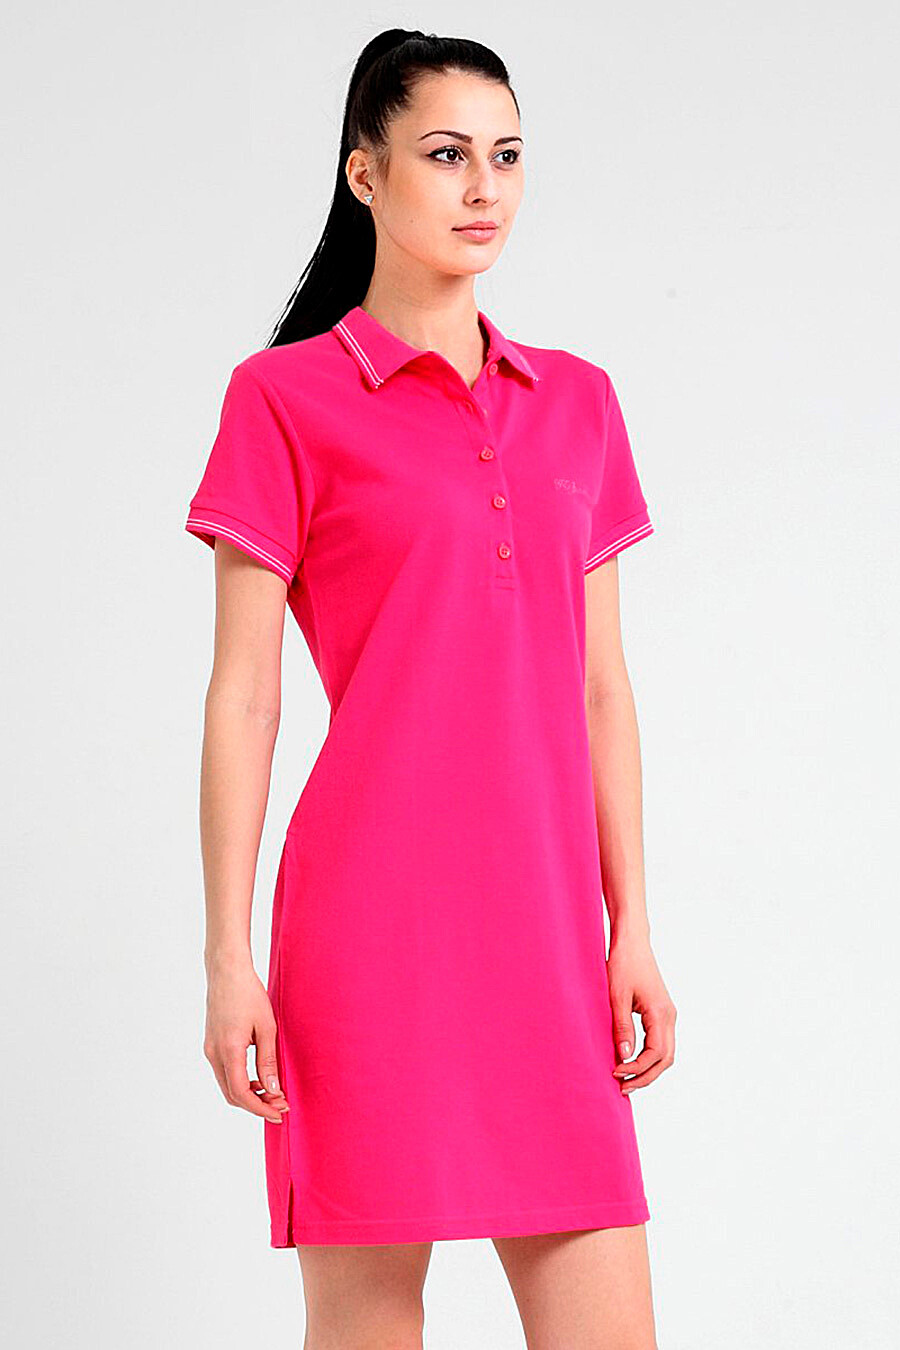 Платье для женщин F5 239205 купить оптом от производителя. Совместная покупка женской одежды в OptMoyo